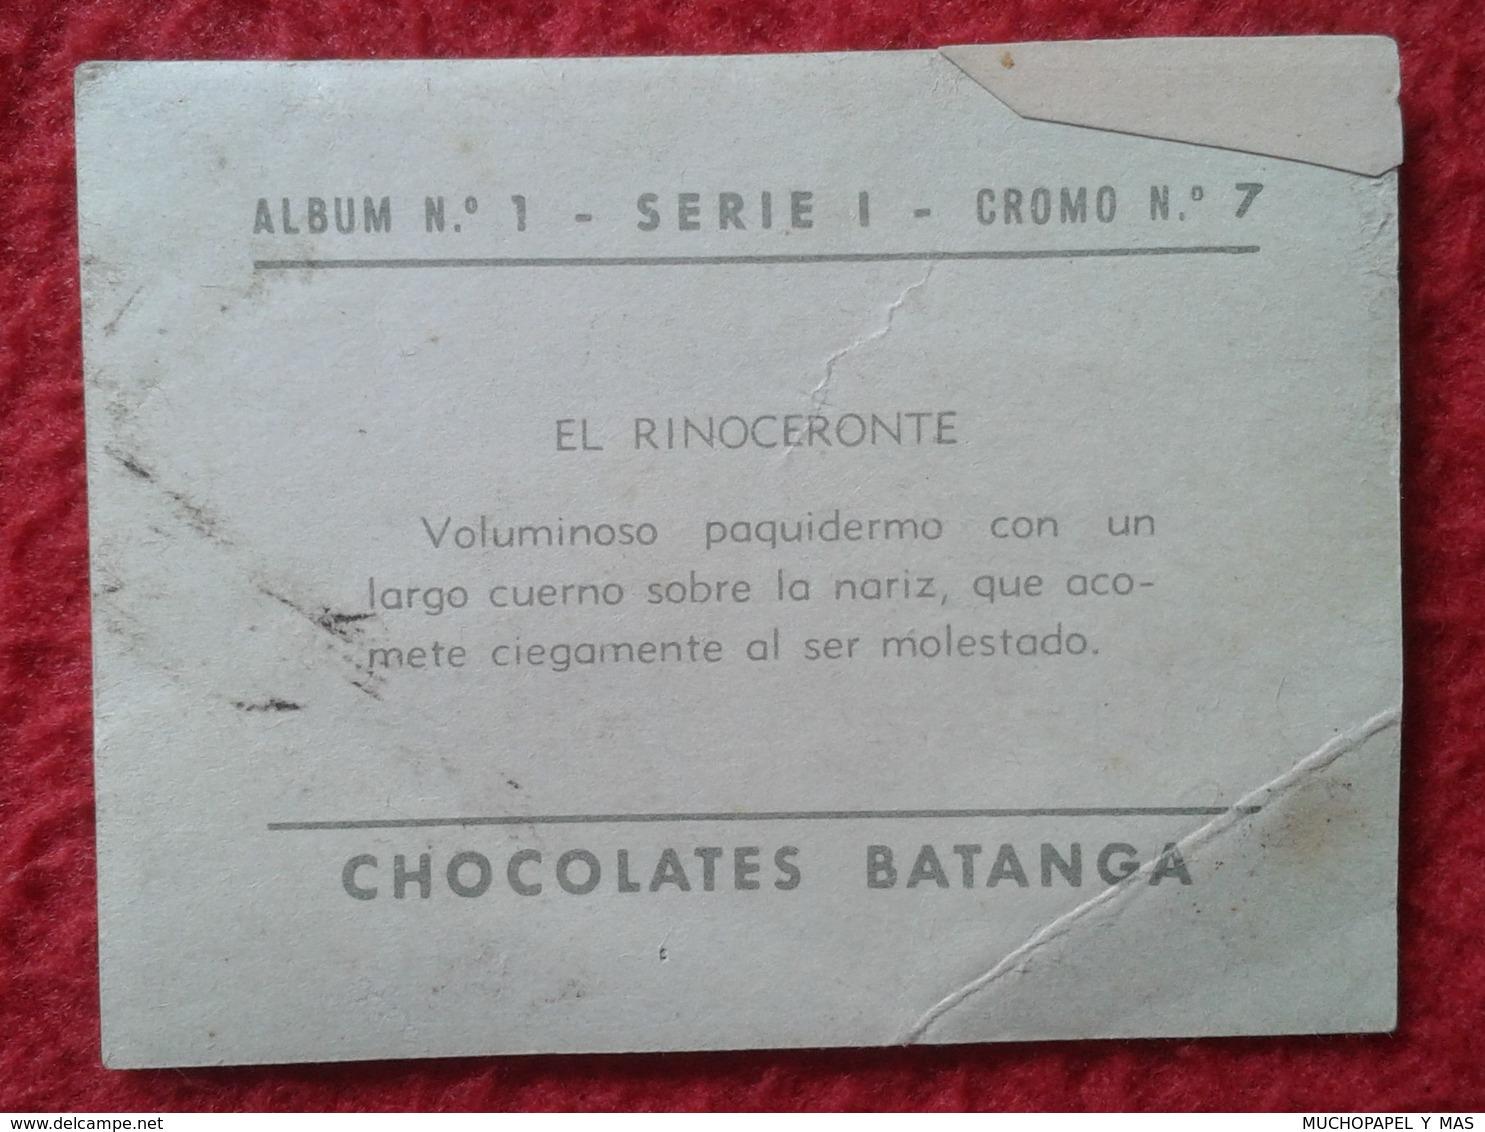 SPAIN ANTIGUO CROMO RARE OLD COLLECTIBLE CARD EL RINOCERONTE RHINO RHINOCEROS RHINOS RHINOCEROSES. BATANGA CHOCOLATES 7 - Trade Cards